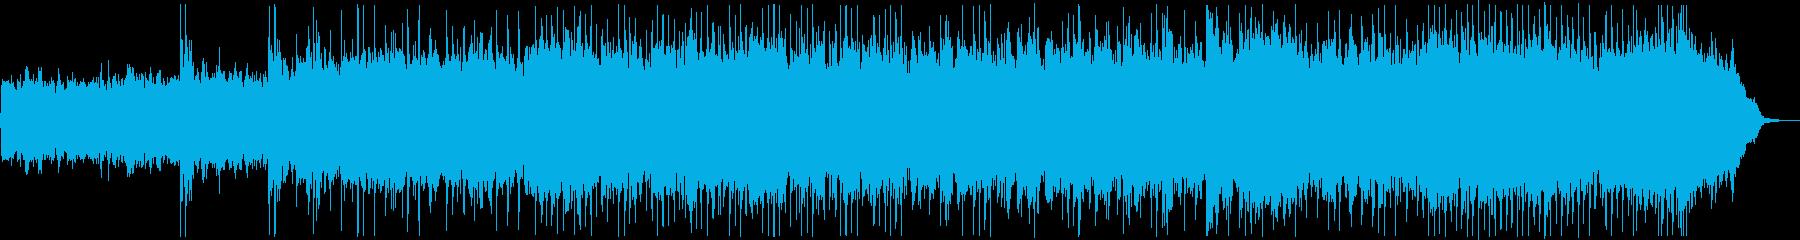 ヘビーメタル バトルフィールドBGMの再生済みの波形